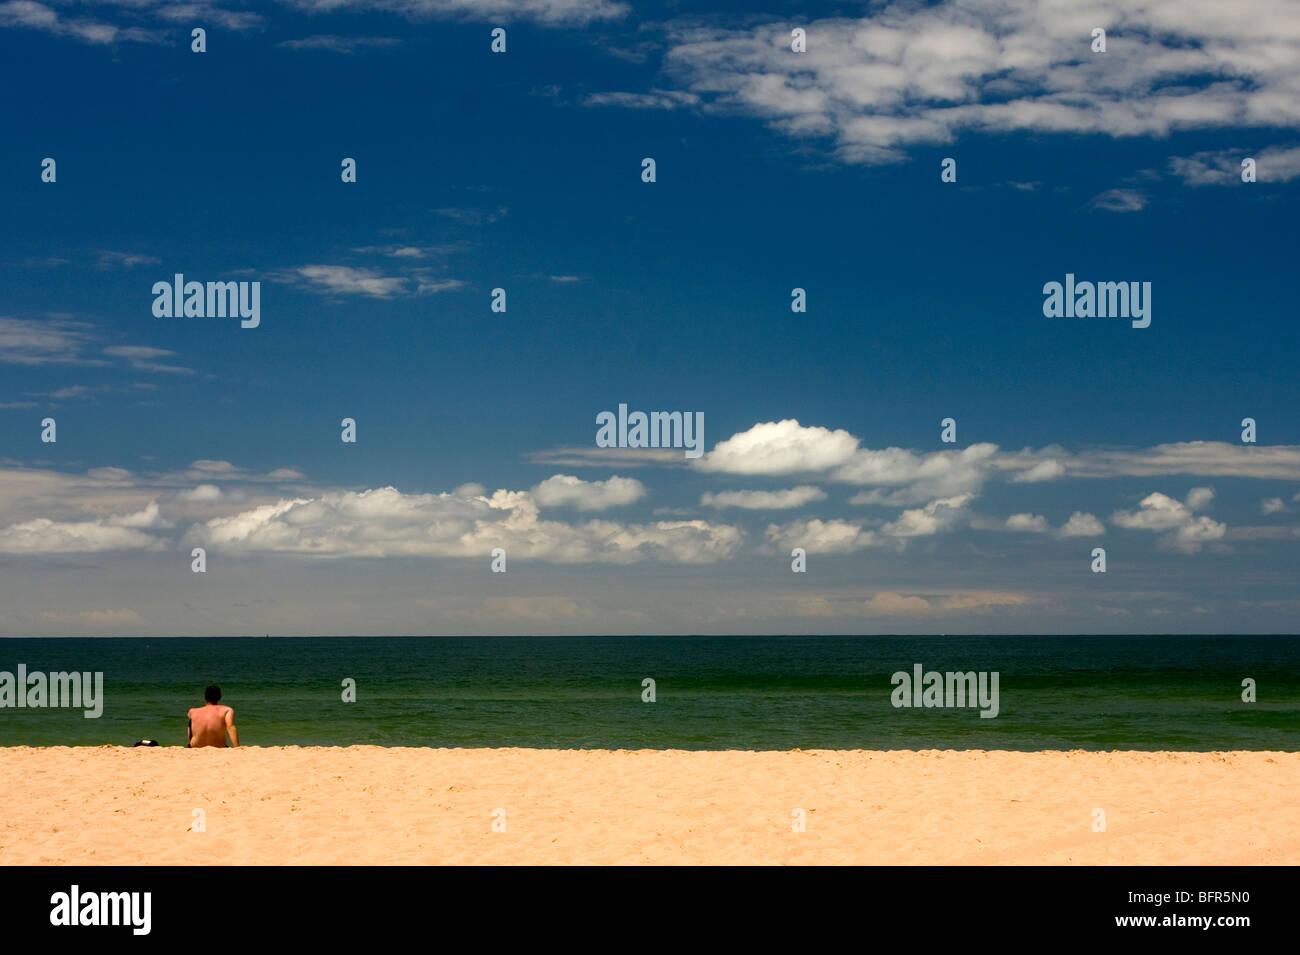 Baigneur solitaire à la recherche à l'horizon sur la plage des pirates Photo Stock